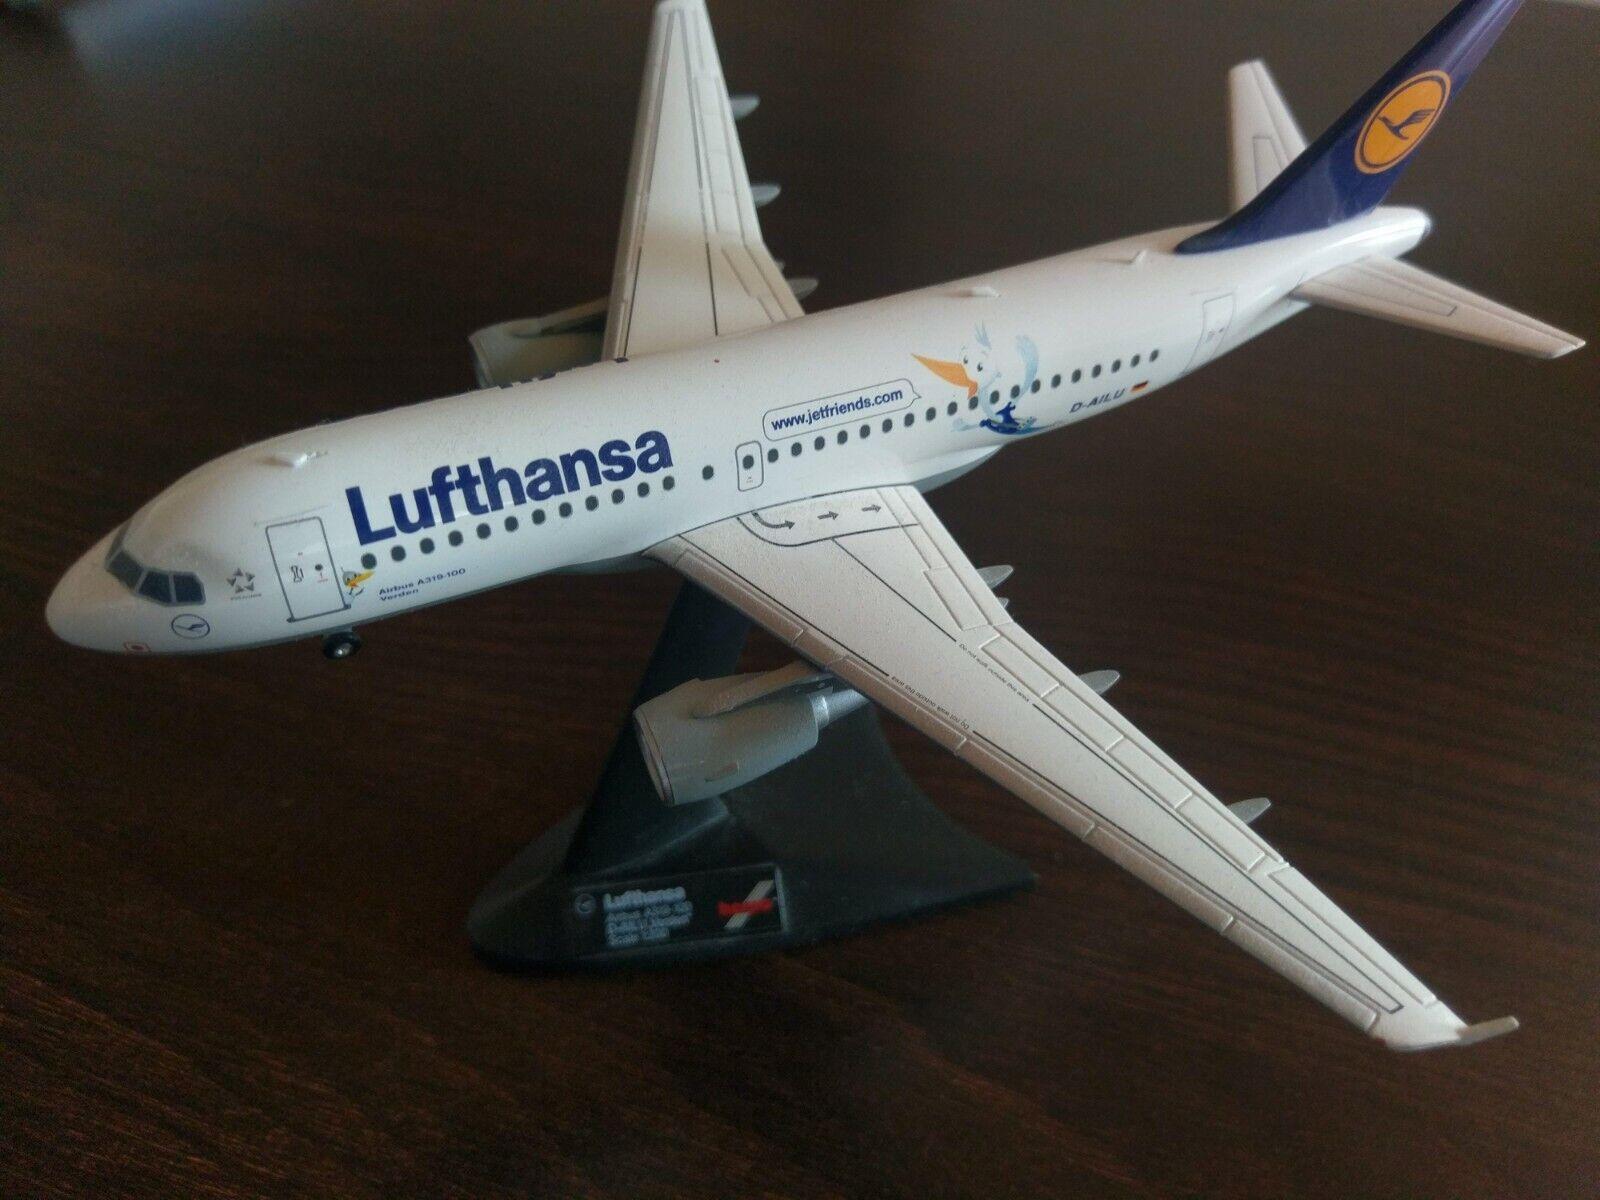 Entrega rápida y envío gratis en todos los pedidos. Lufthansa jetfriends airbus a319 -- como nuevo avión modelo -- -- -- scale 1 200 D-ailu  Precio por piso